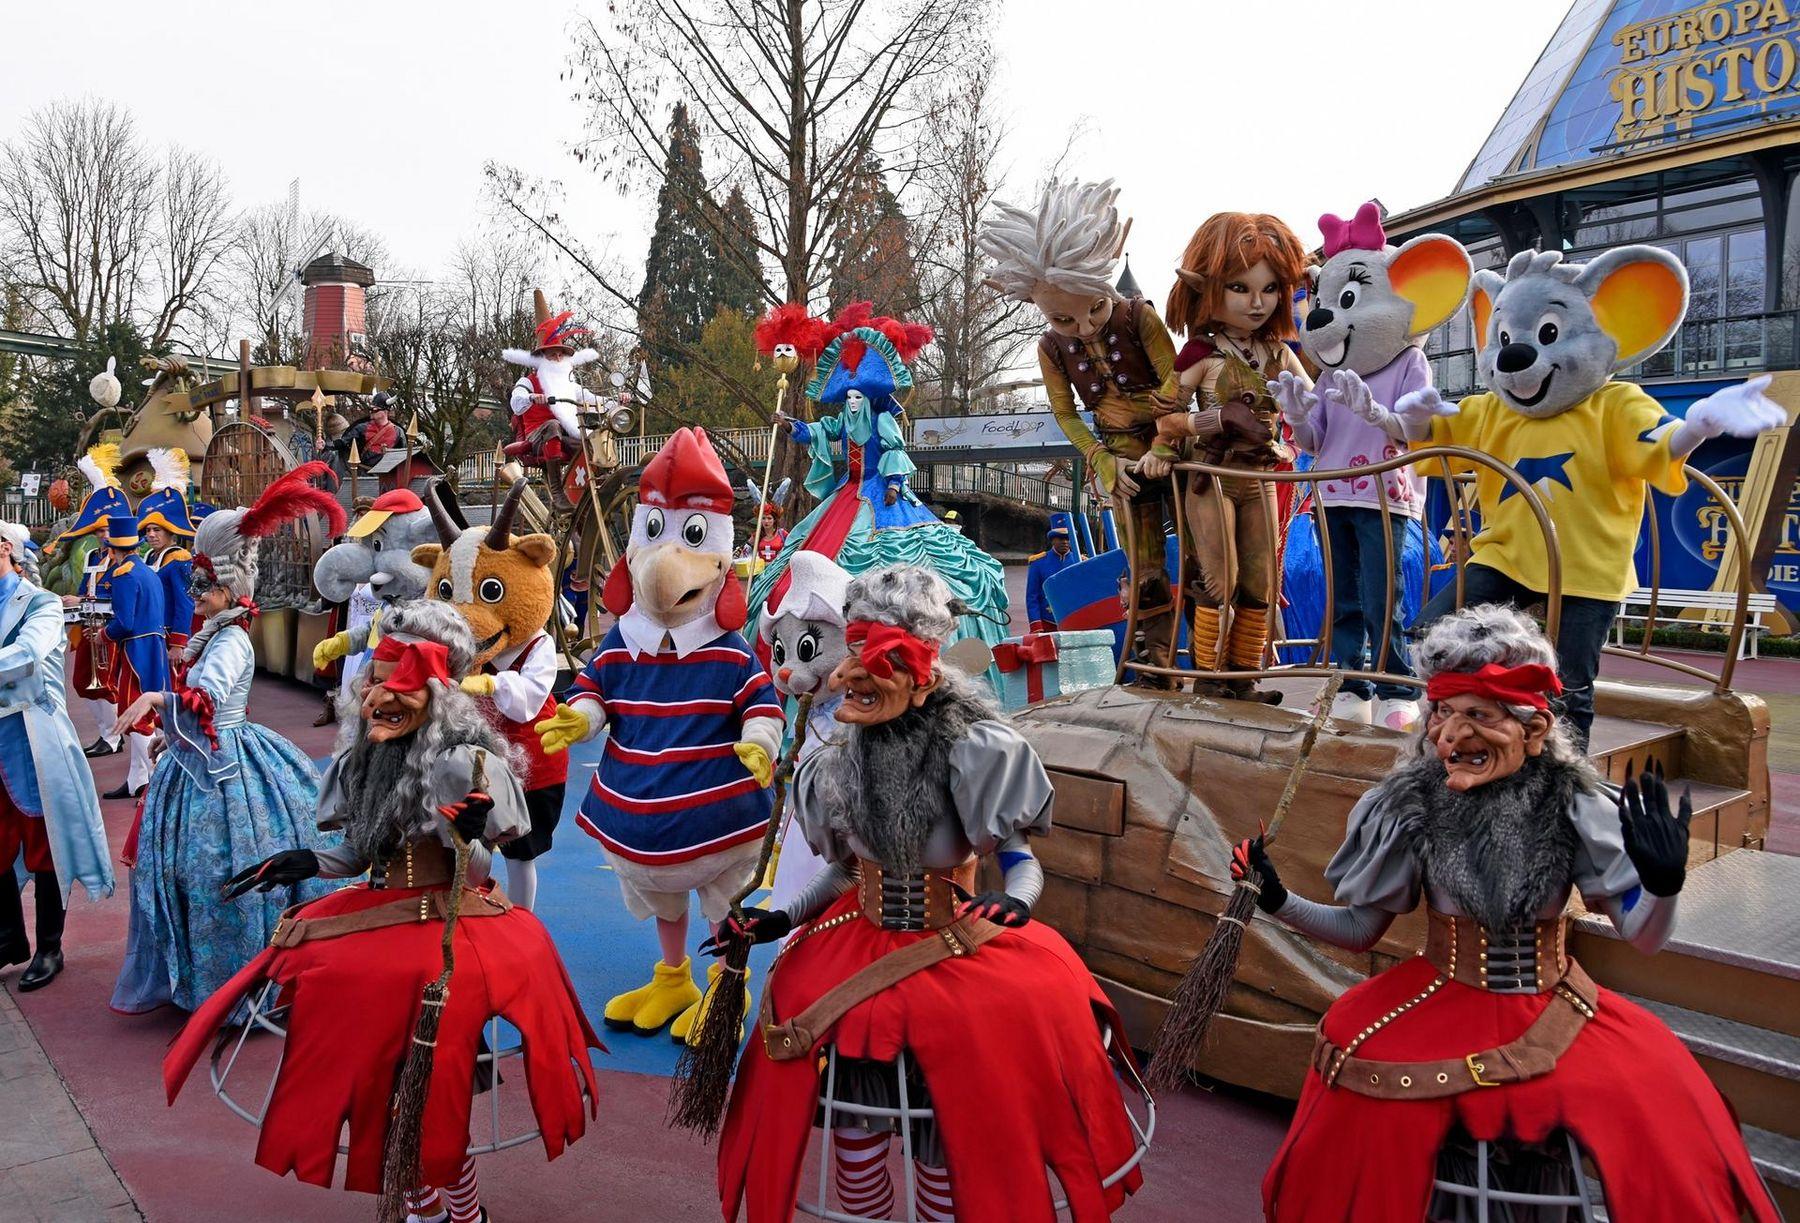 Europapark - Parade